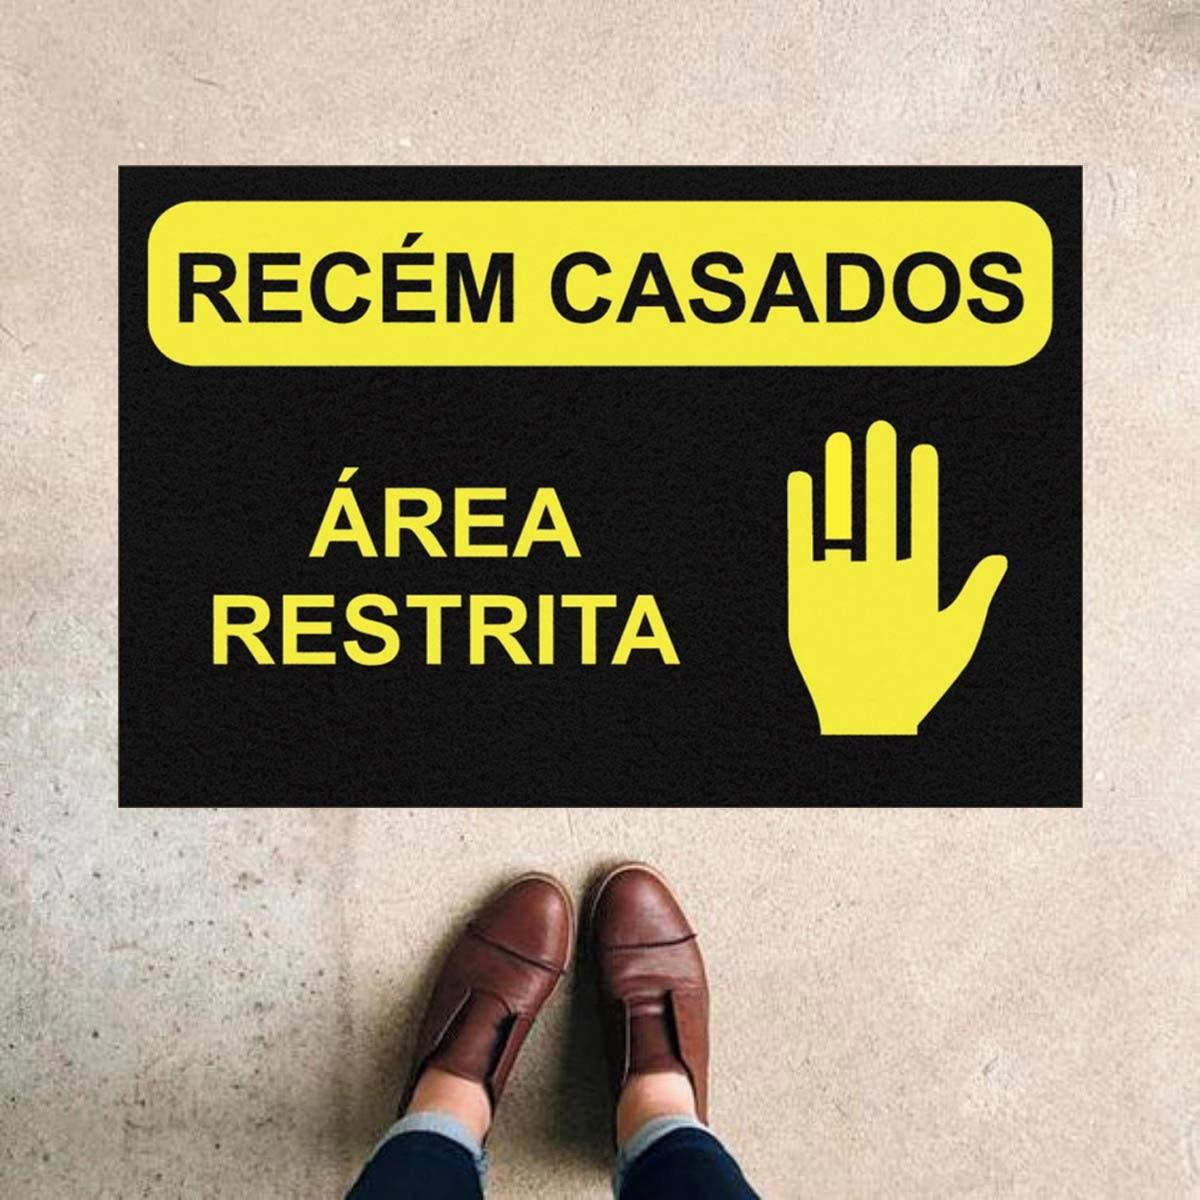 TAPETE CAPACHO 'RECÉM CASADOS ÁREA RESTRITA''